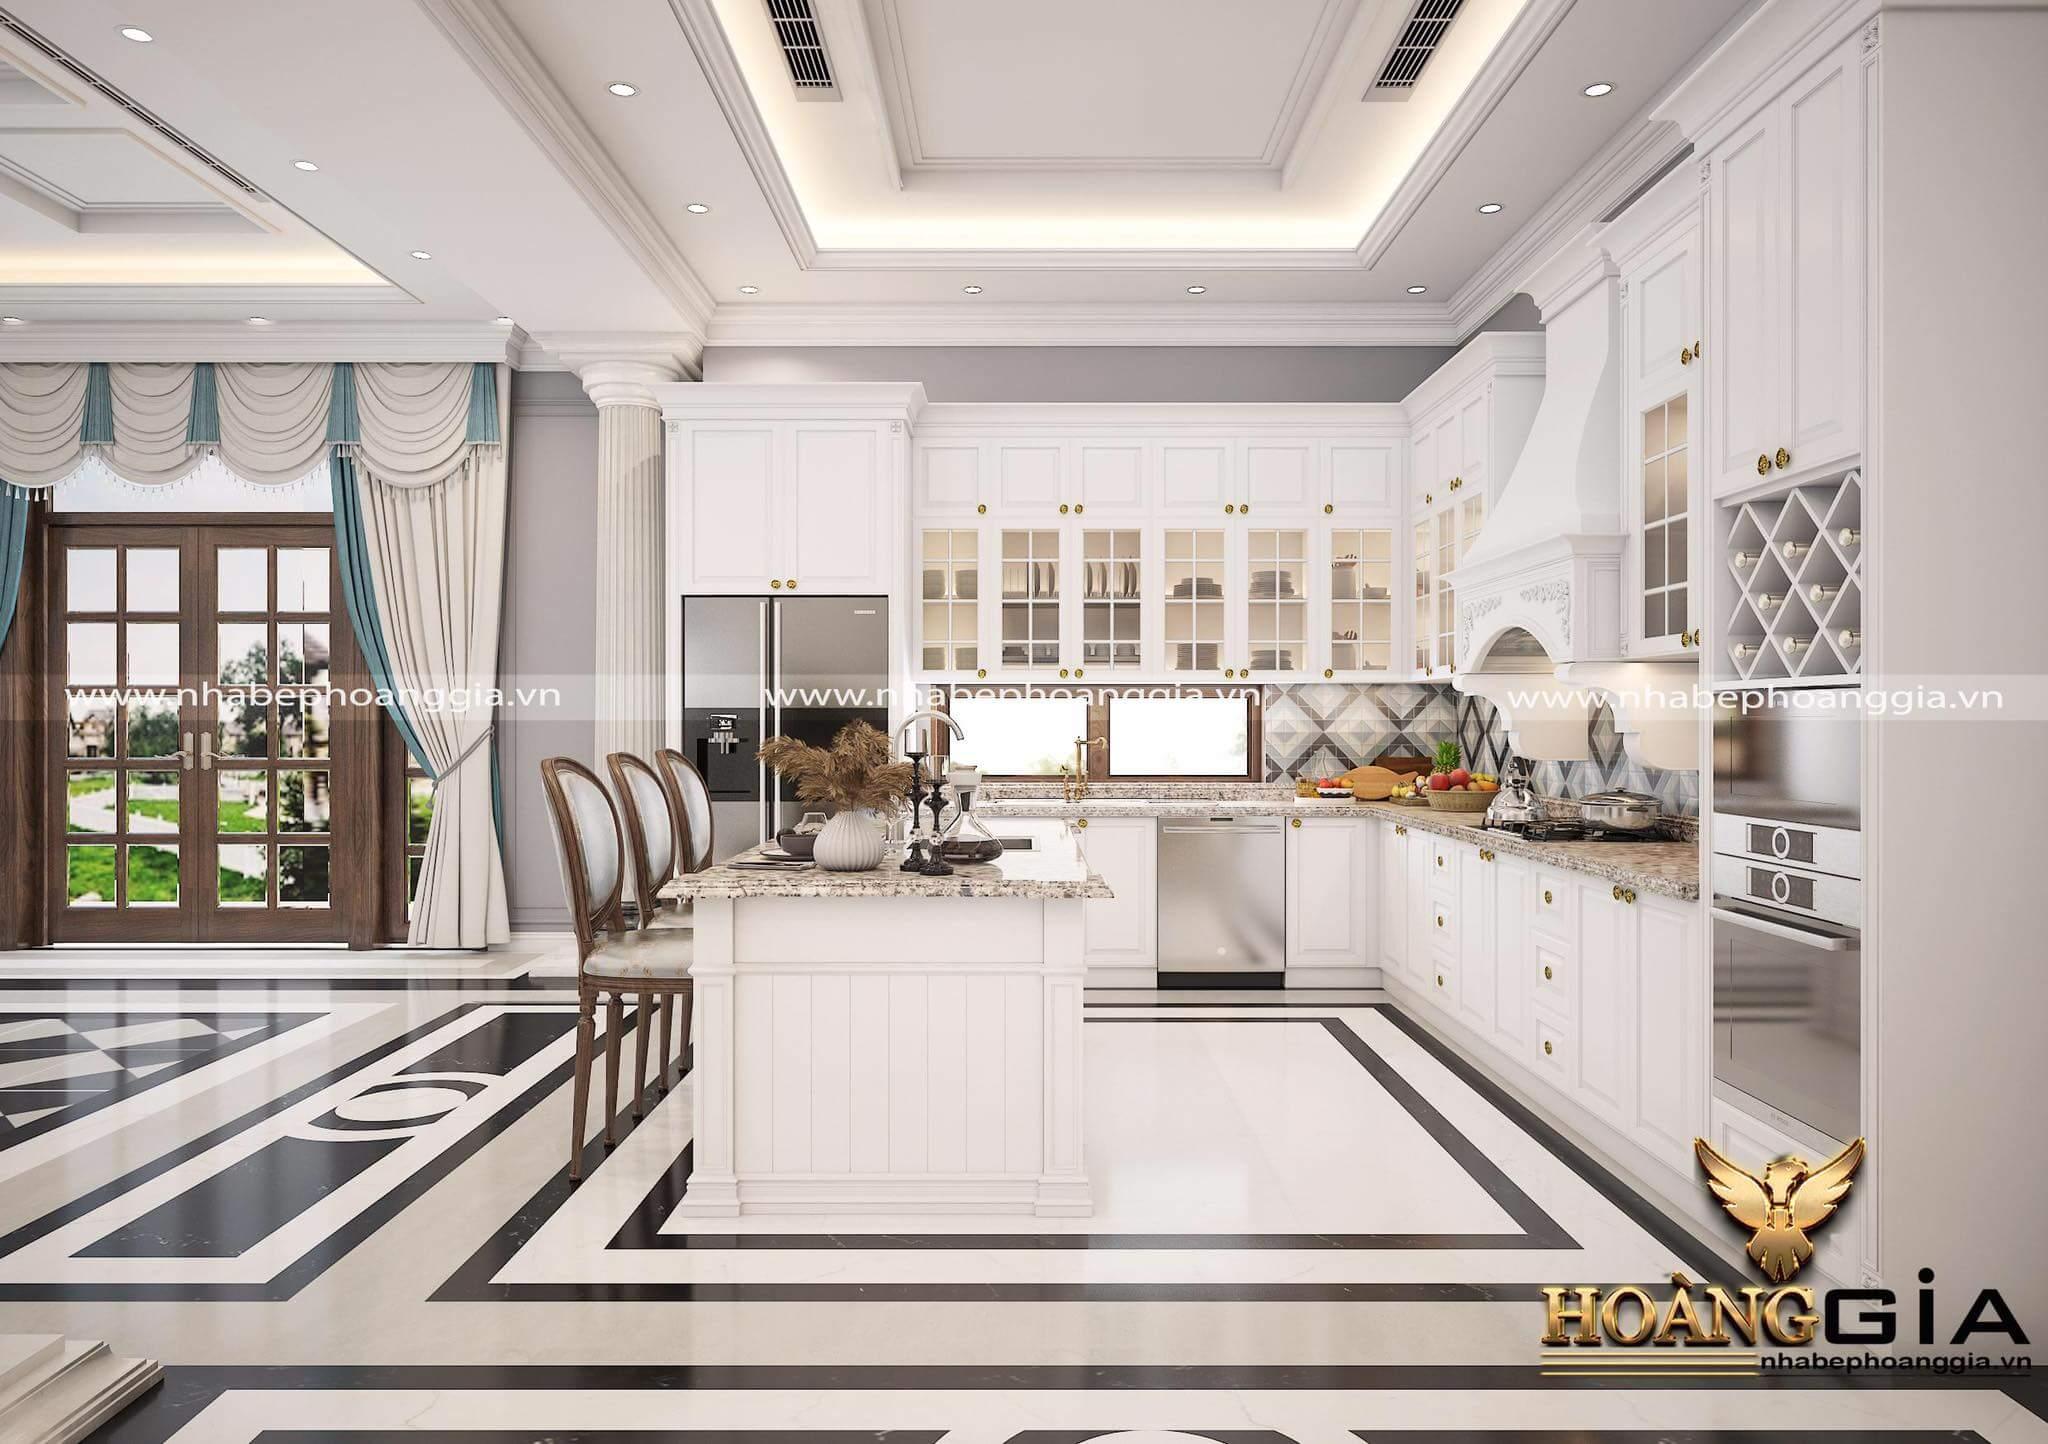 thiết kế tủ bếp tinh tế cho không gian sang trọng